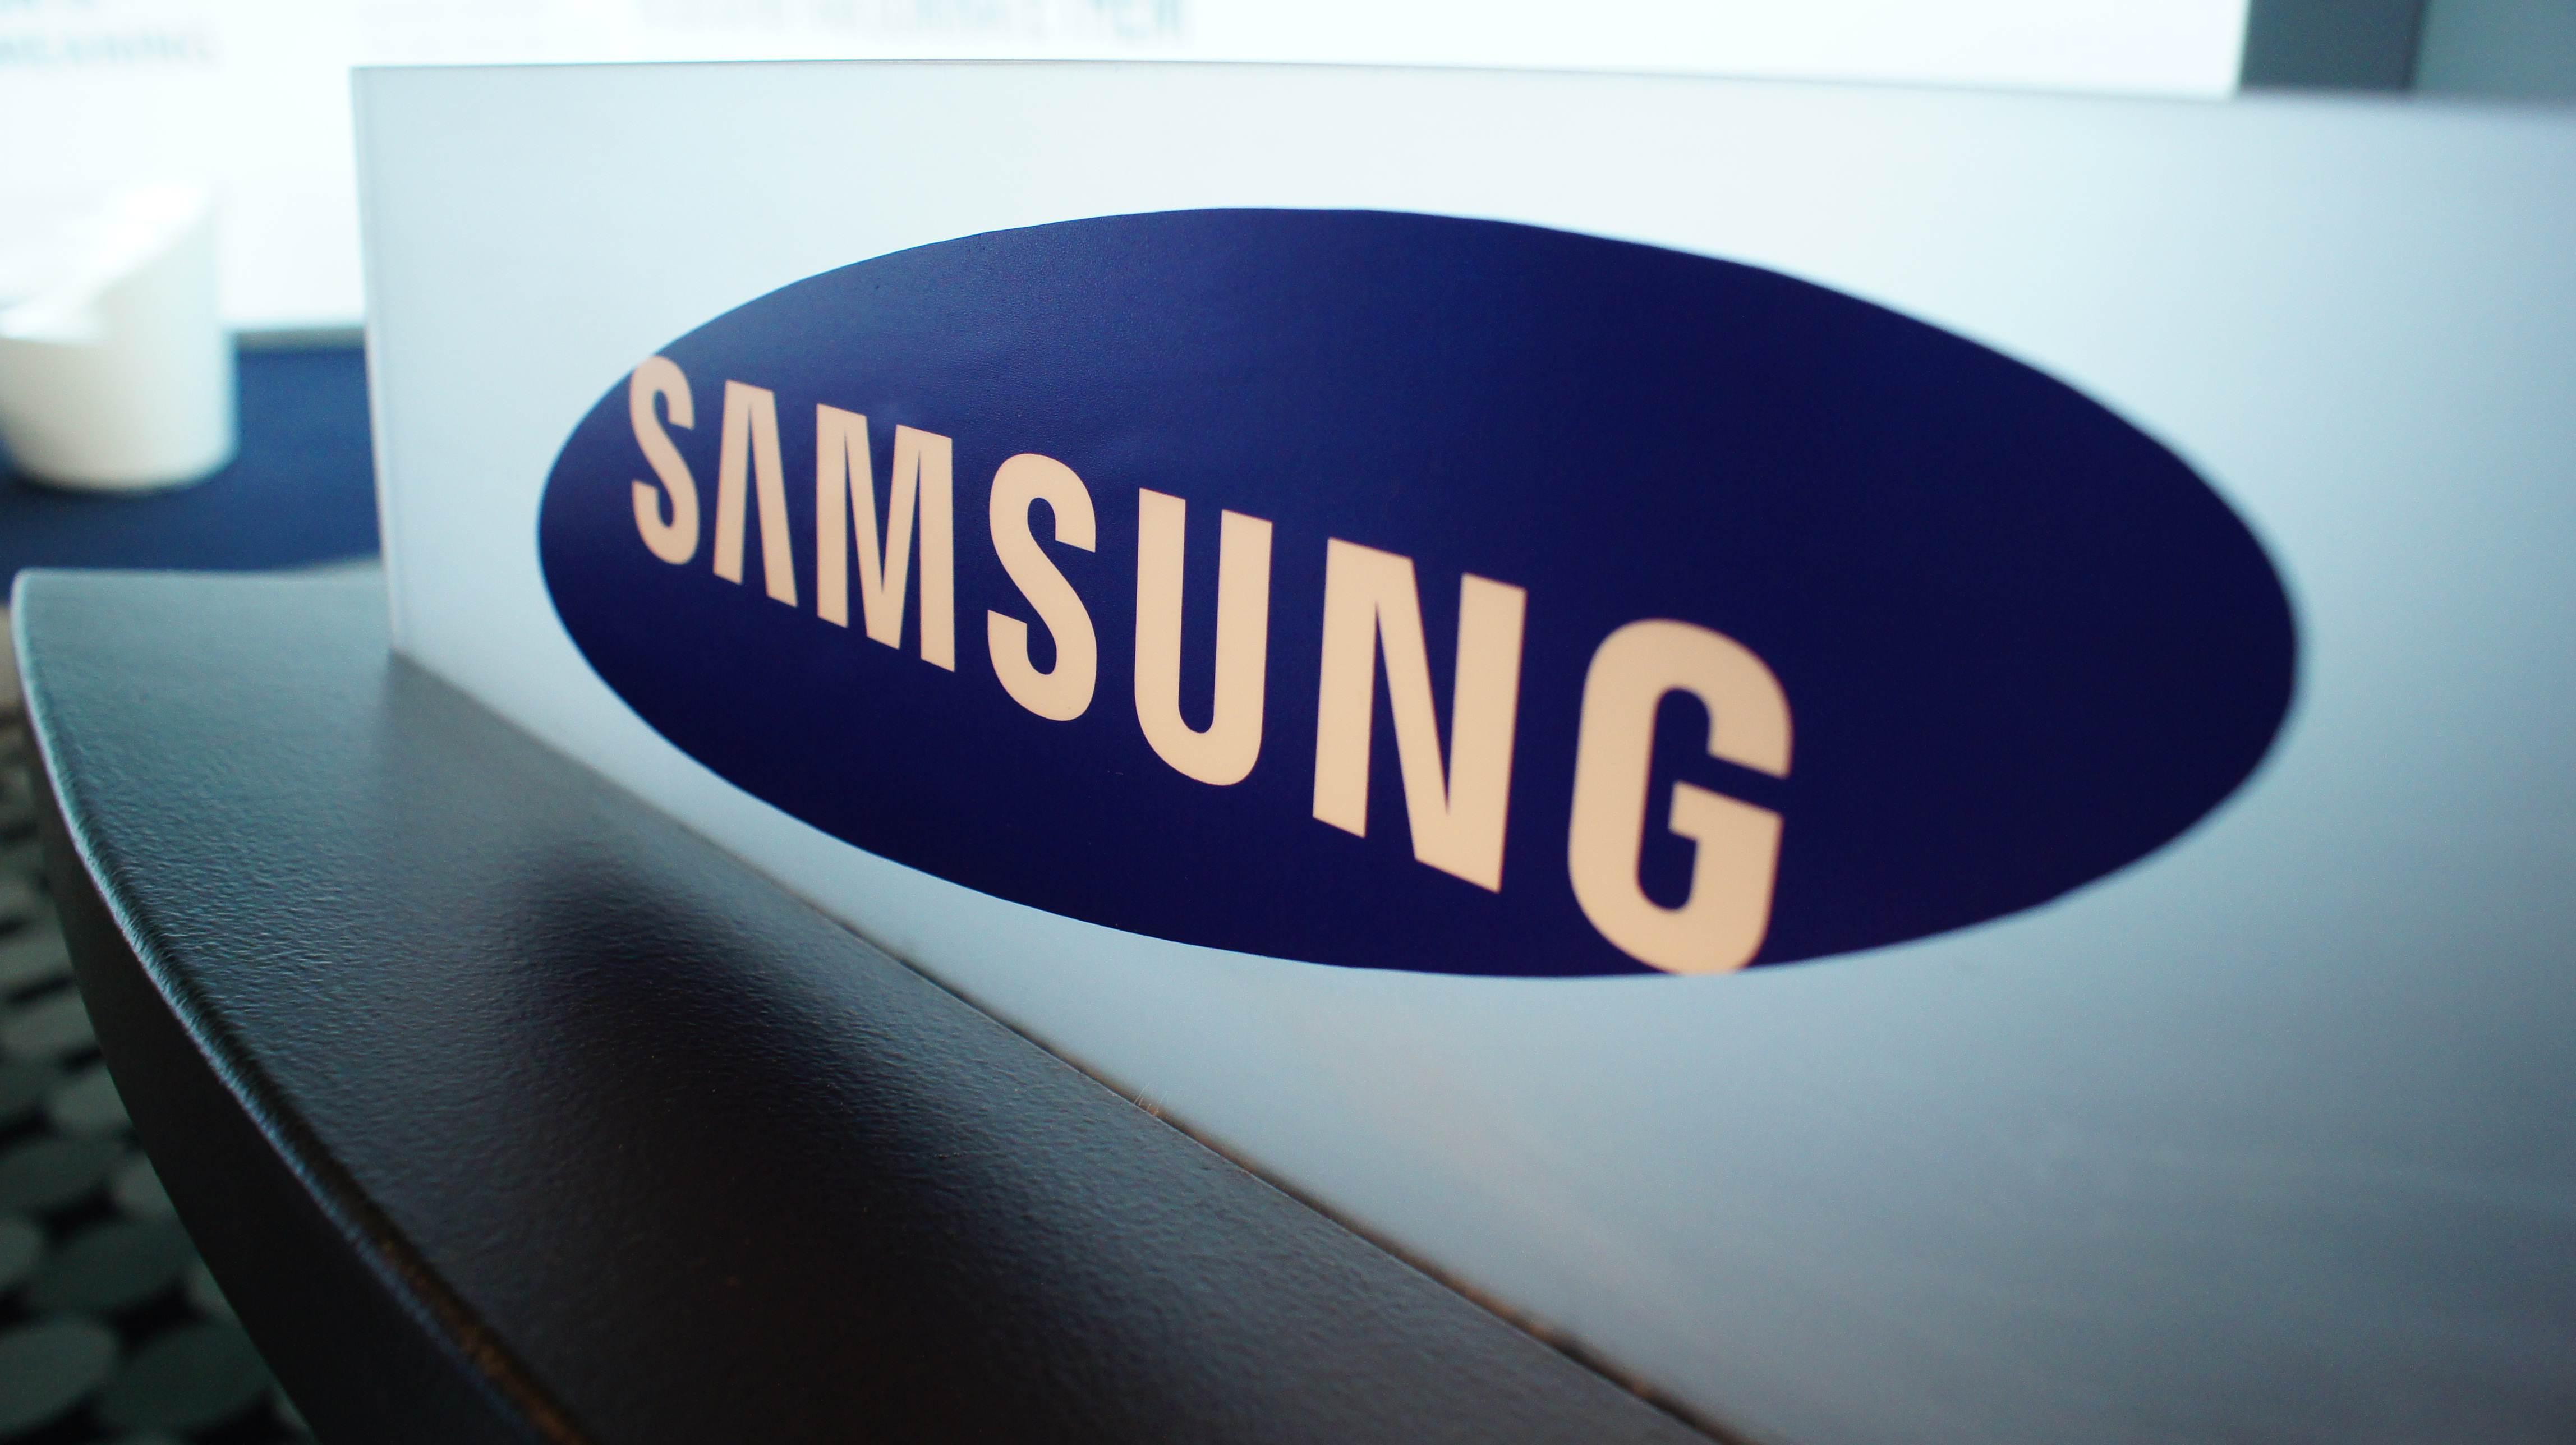 Samsung to Develop Next-Generation Auto Parts for Autonomous